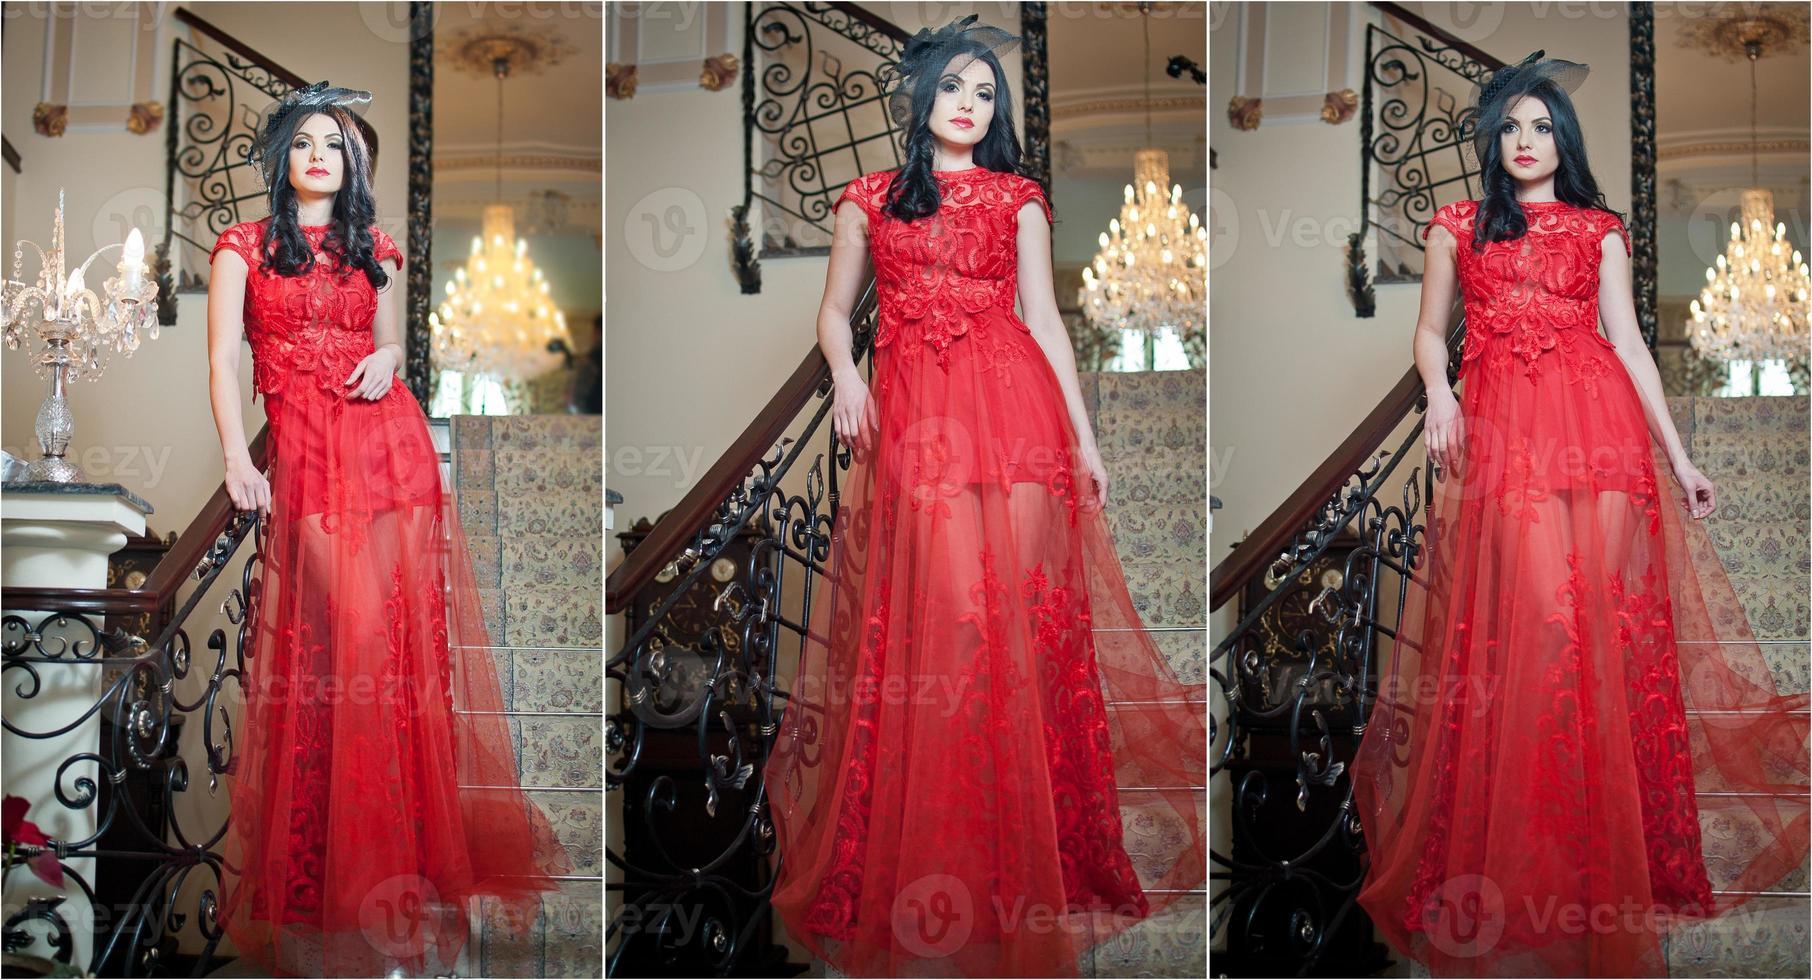 sensuelle élégante jeune femme en robe longue rouge tir intérieur. photo